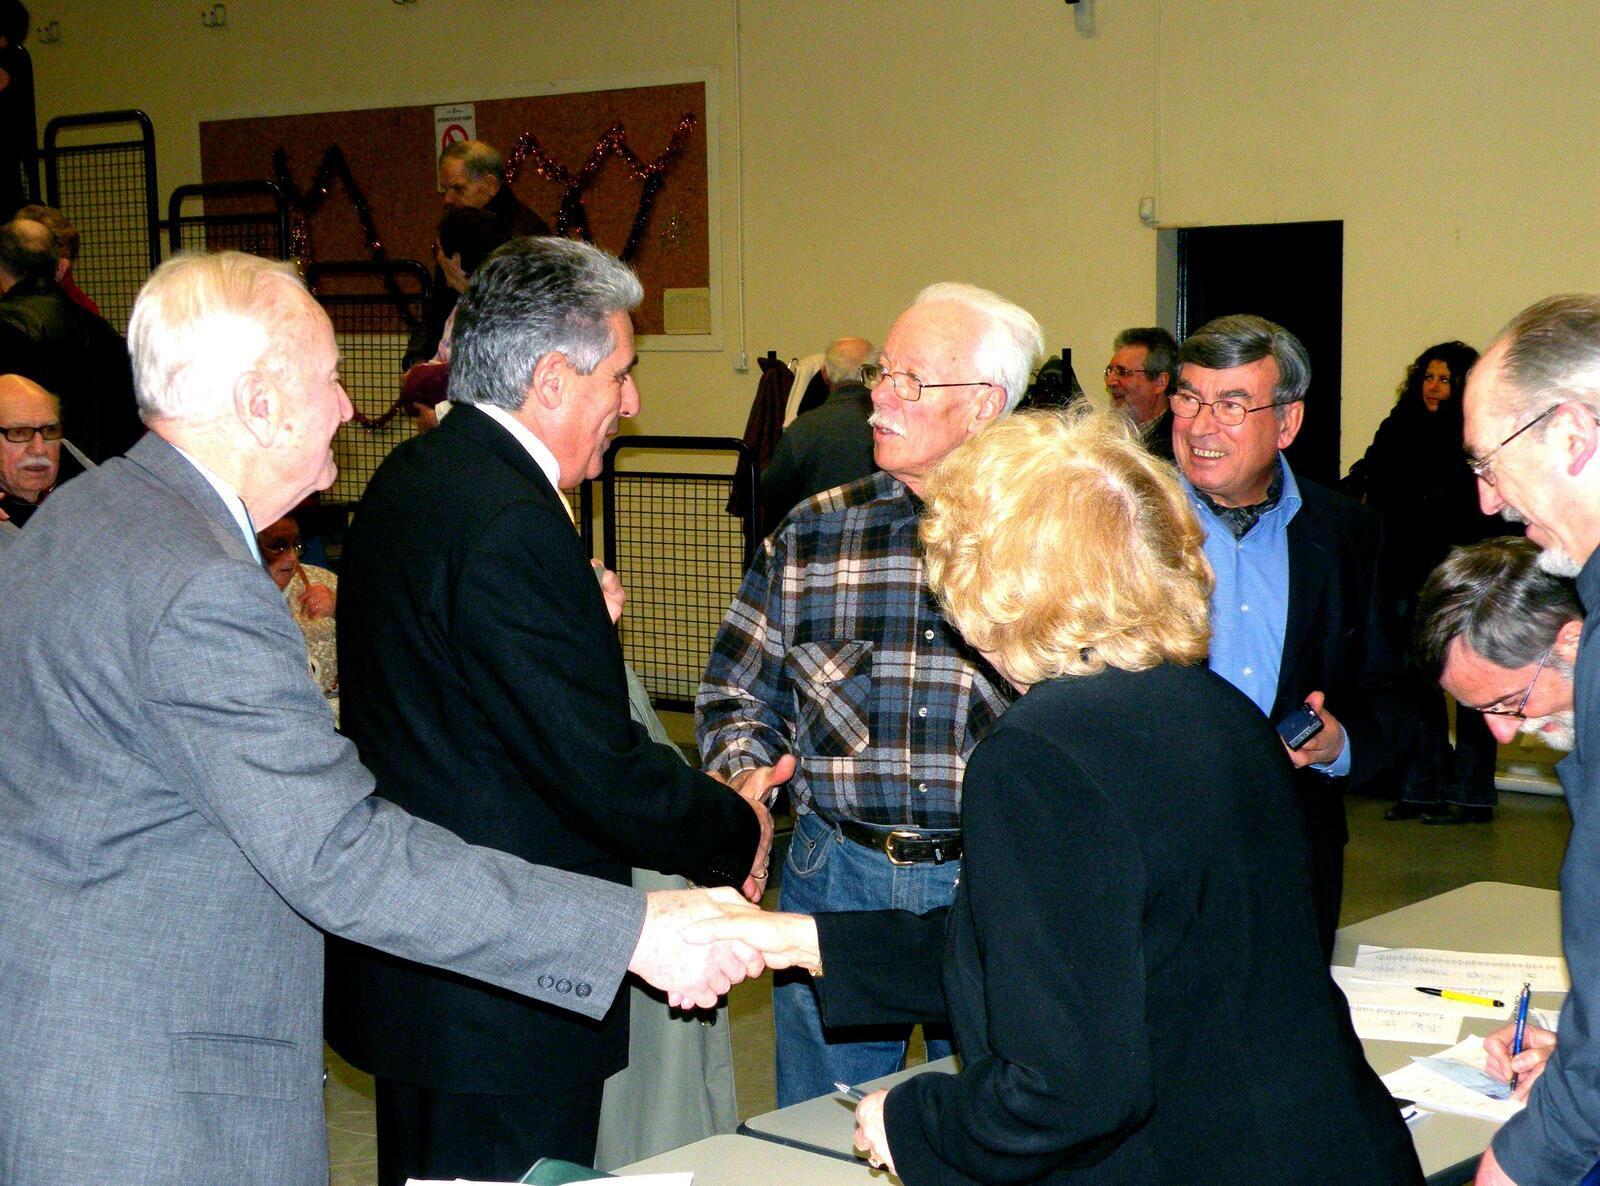 Activités de la Société d 'histoire de Villeparisis: 35ème anniversaire